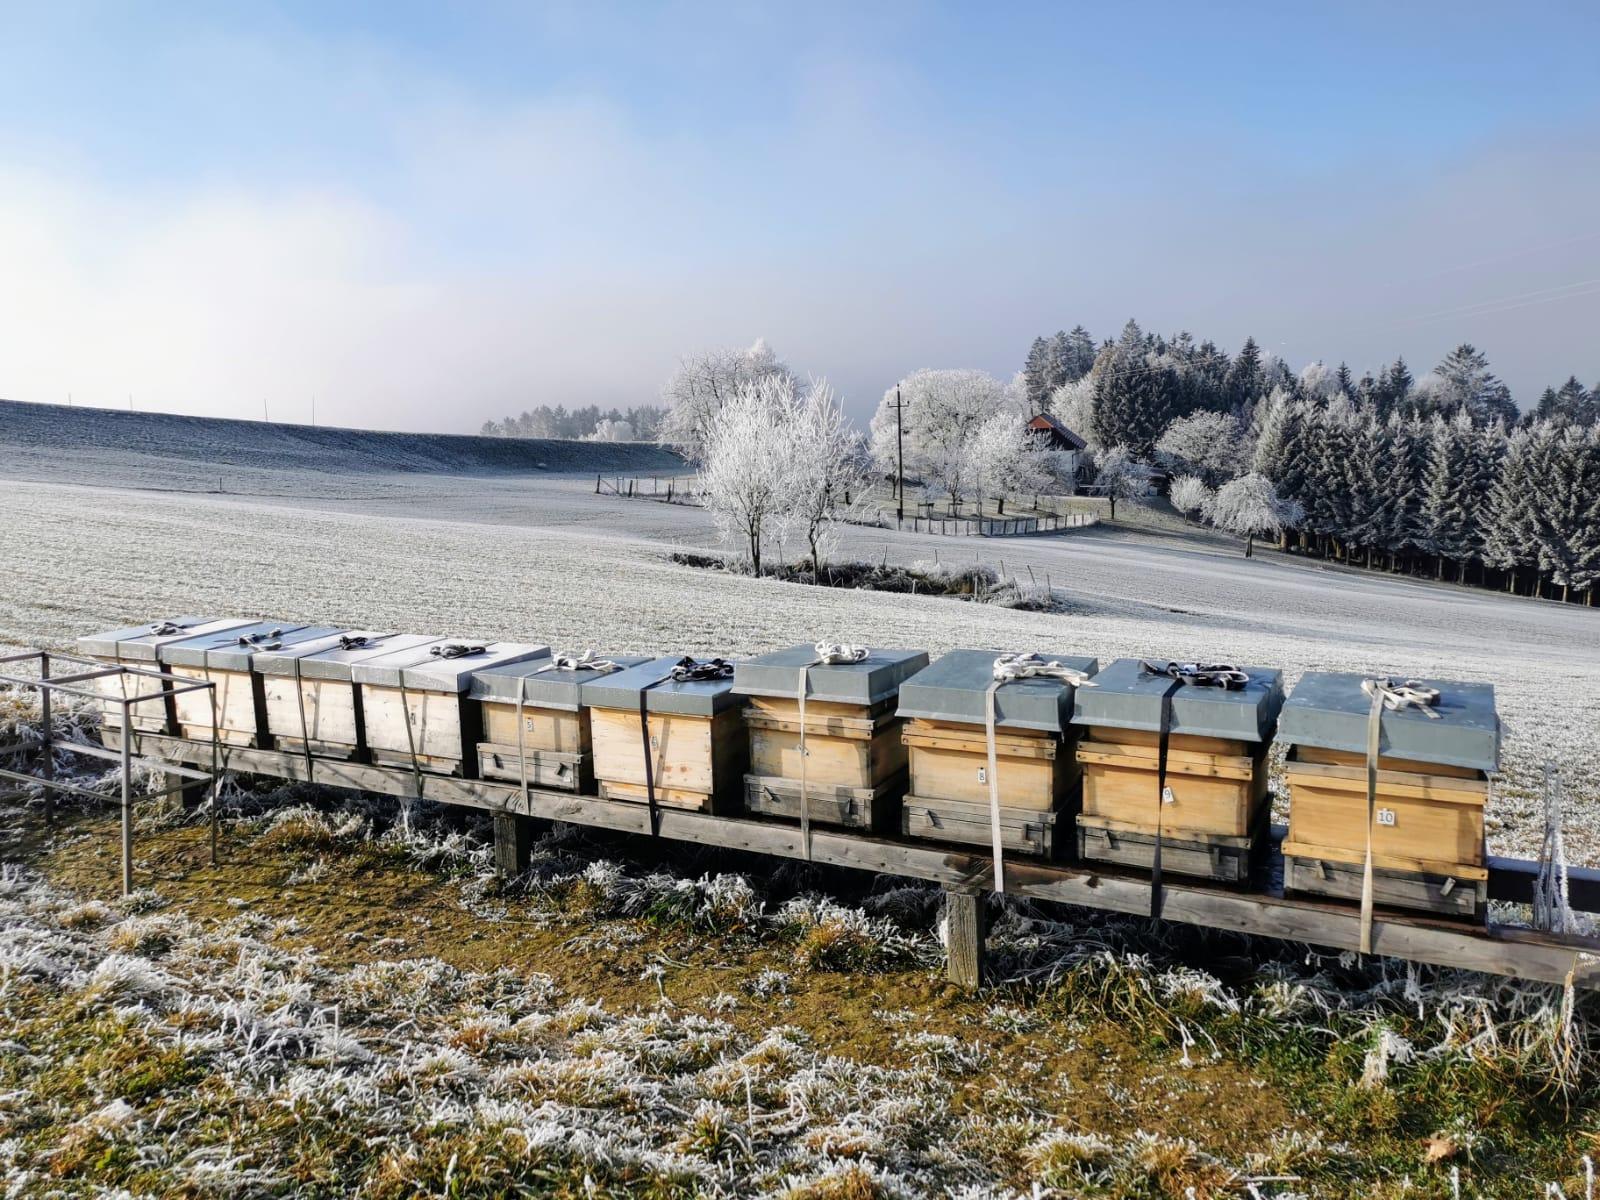 Bio Imkerei Bramreither - Frostiges Mühlviertel - Bienen im Winter - Penning - Helfenberg